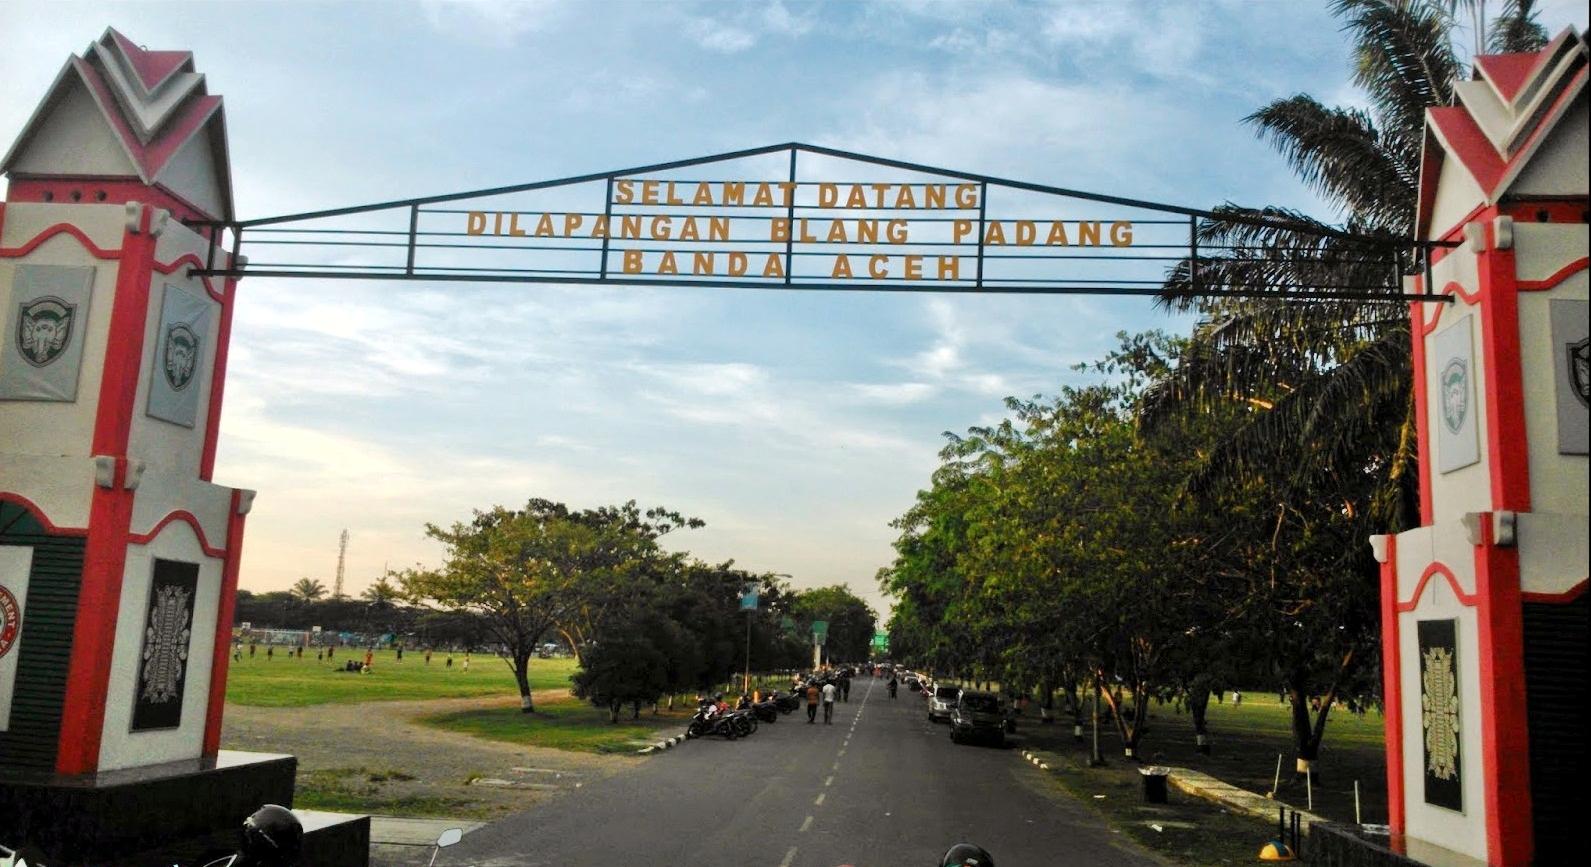 Pemerintah Aceh Panas Tahi Ayam Menyelesaikan Kasus Tanah Blang Salah